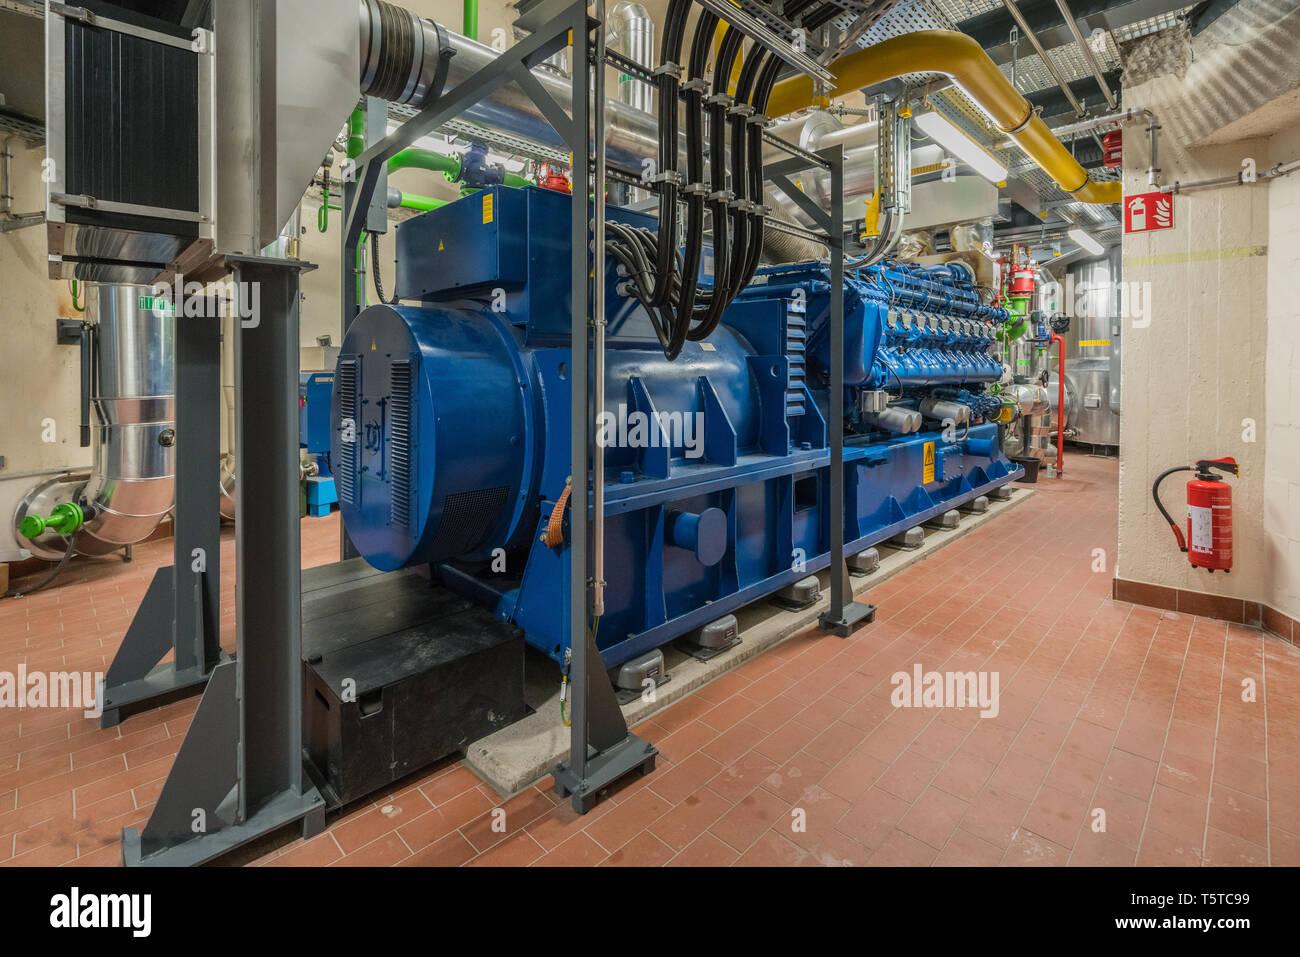 Eine riesige Erdgas Motor arbeitet in einem Blockheizkraftwerk und liefert ein Bezirk mit Wärme Stockfoto